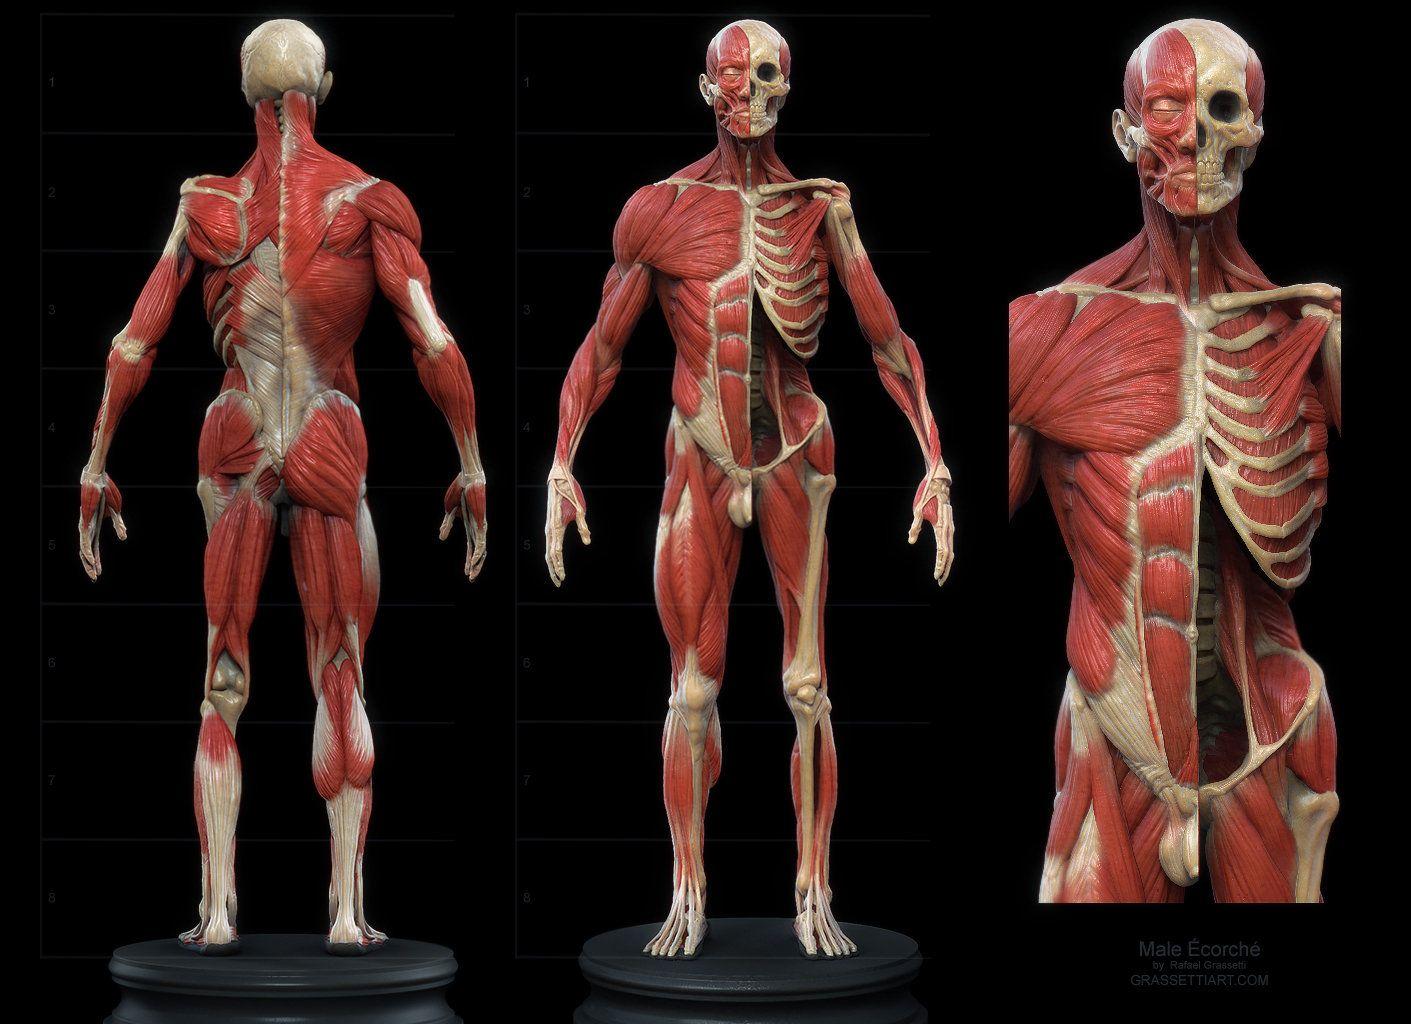 Ecorche Statue Rafael Grassetti Male Anatomy Anatomy